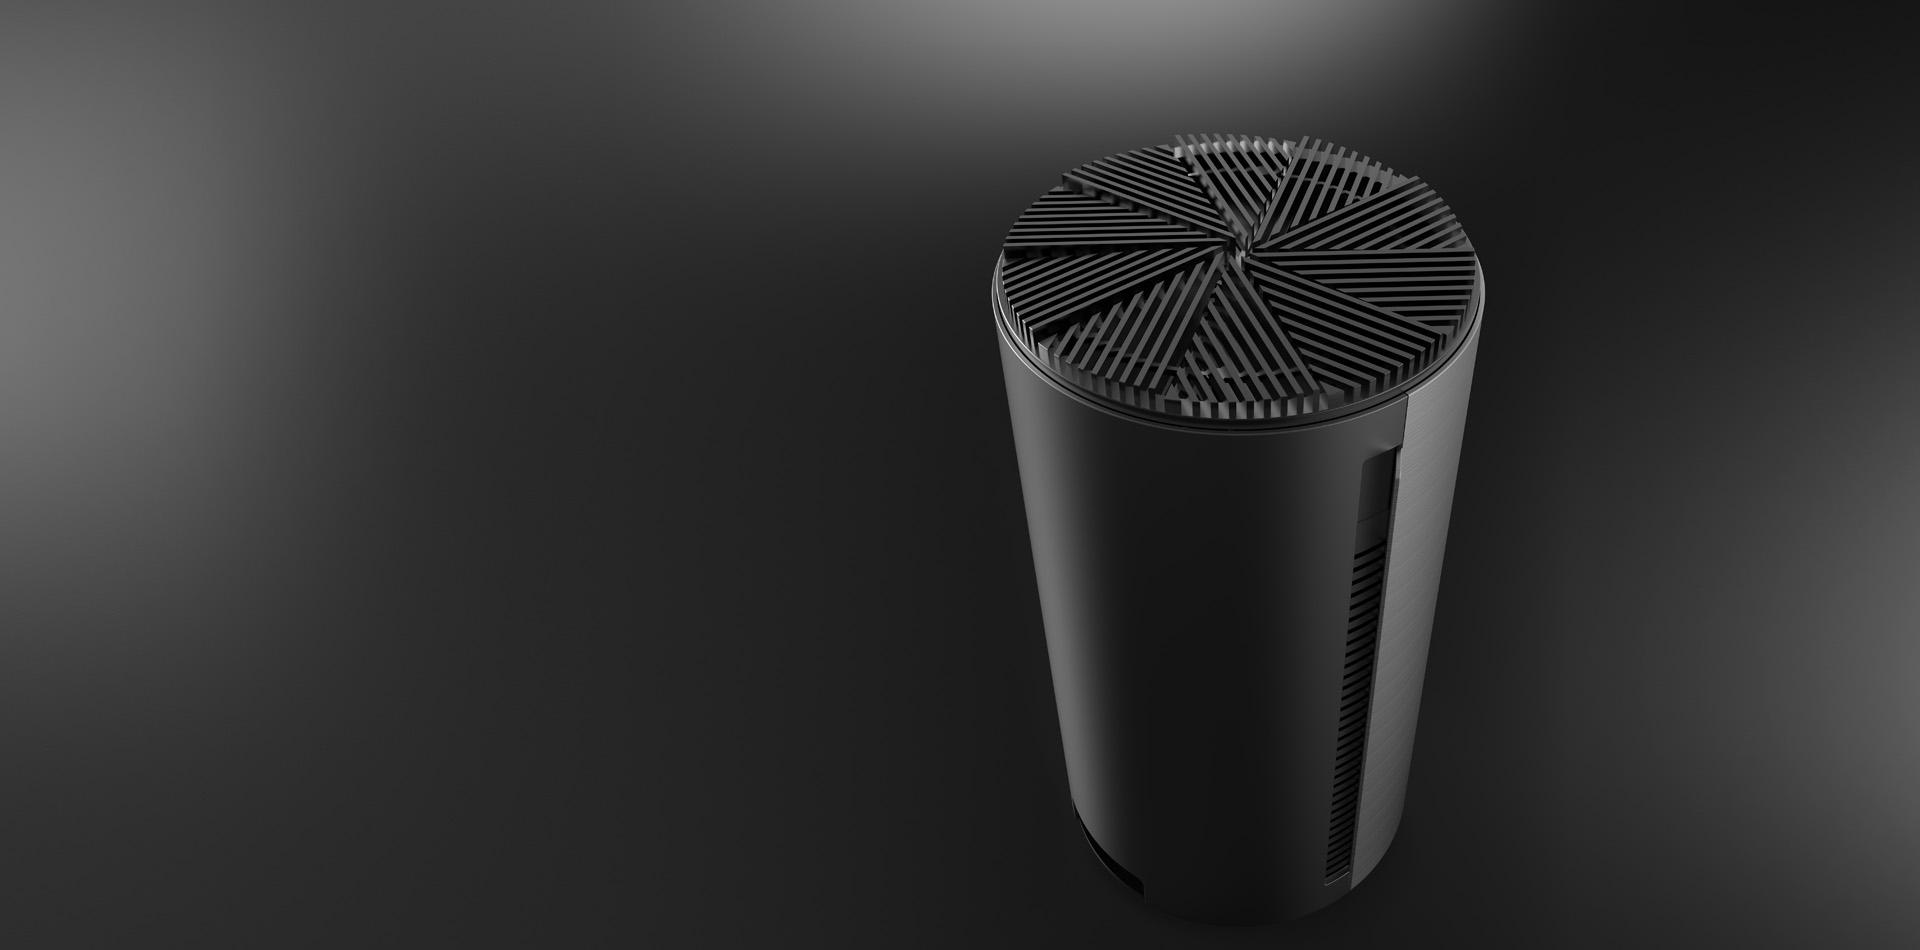 Cryorig Ola: Das Gehäuse, um den Mac Pro selbst zu bauen -